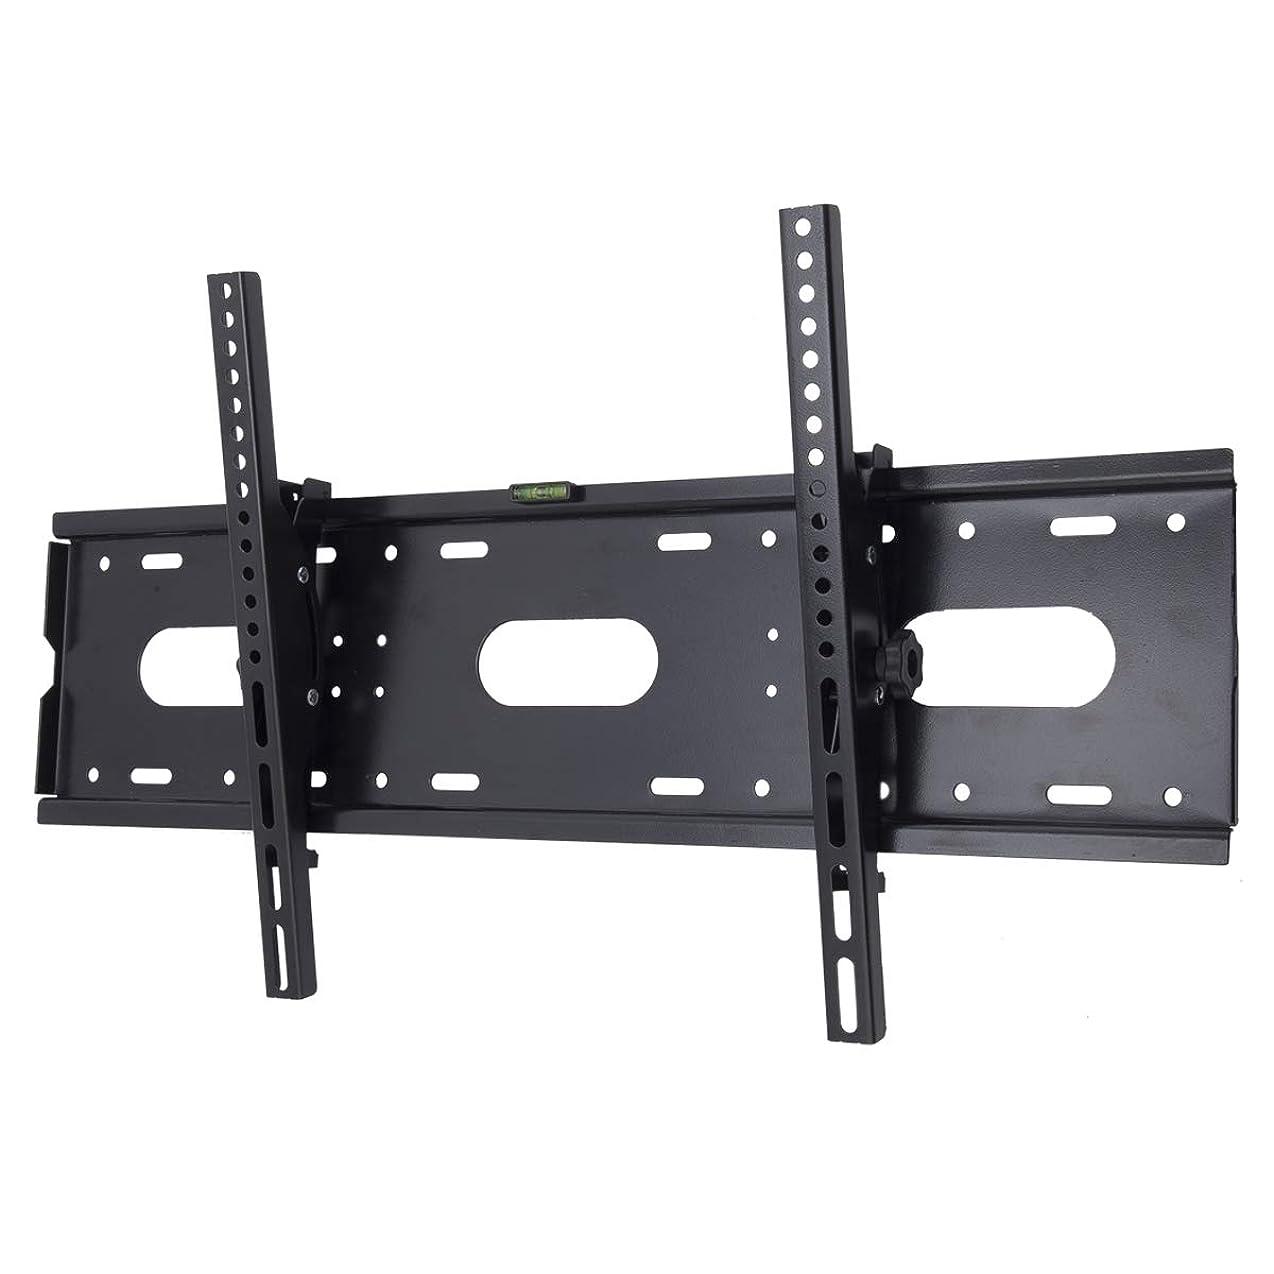 レンドオーロック圧倒するテレビ壁掛け金具 JinXiang 42~85インチLCD LED液晶テレビ対応 左右平行移動式 上下角度調節可能 超大型壁掛け モニター VESA対応 最大750×500mm 耐荷重100kg